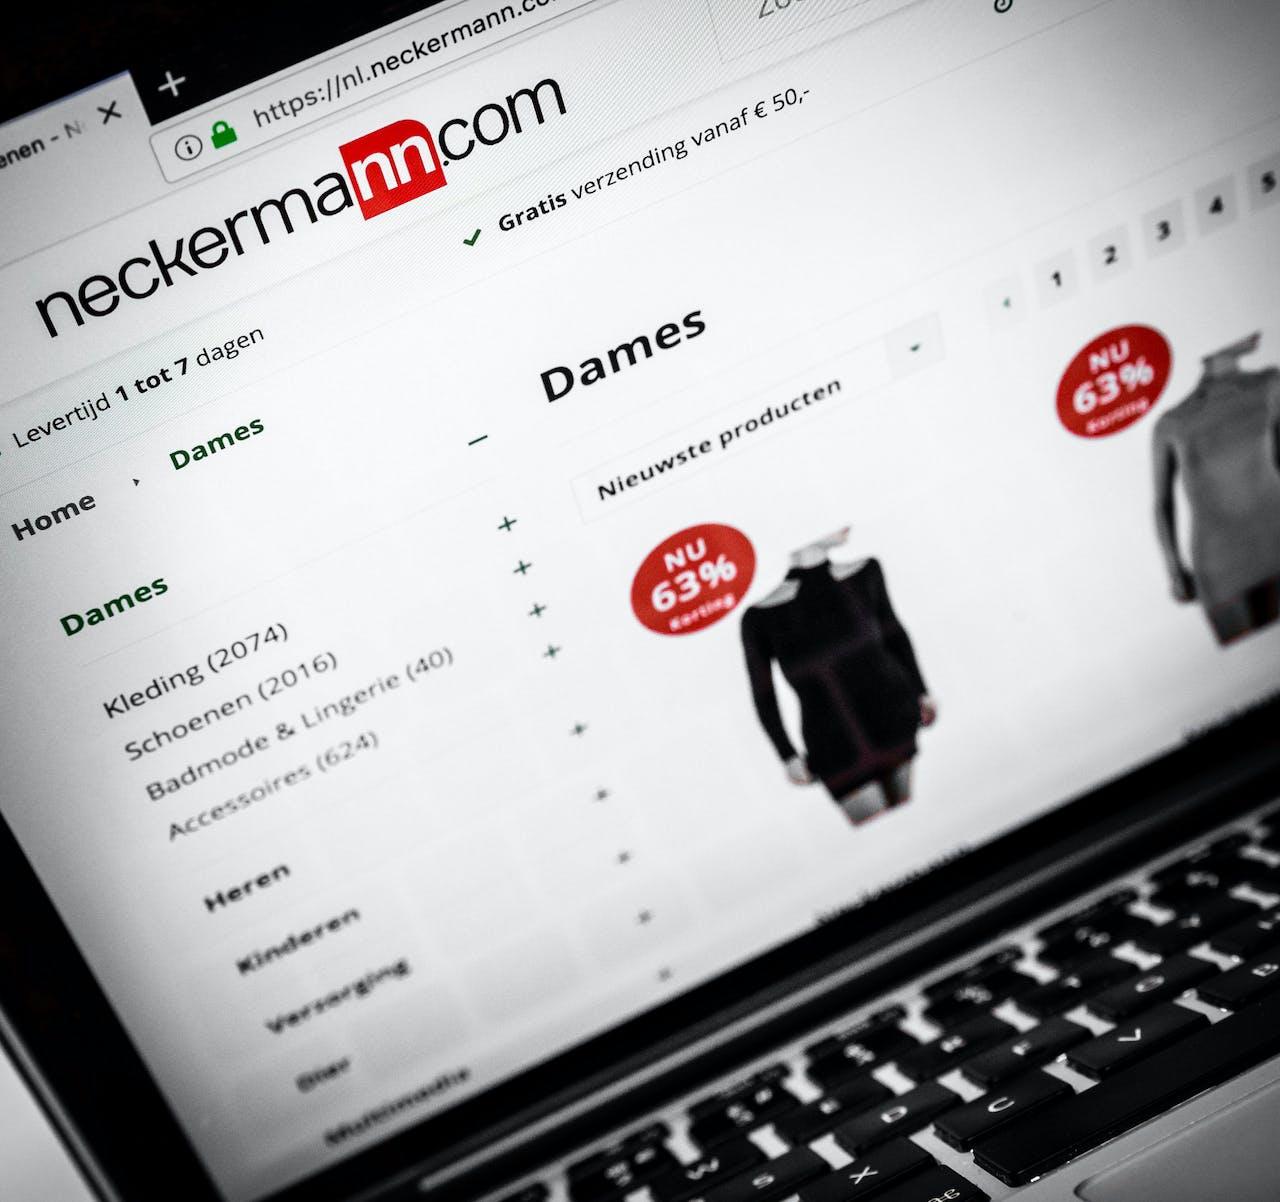 ILLUSTRATIEF - De webwinkel van Neckermann. ANP XTRA ROB ENGELAAR